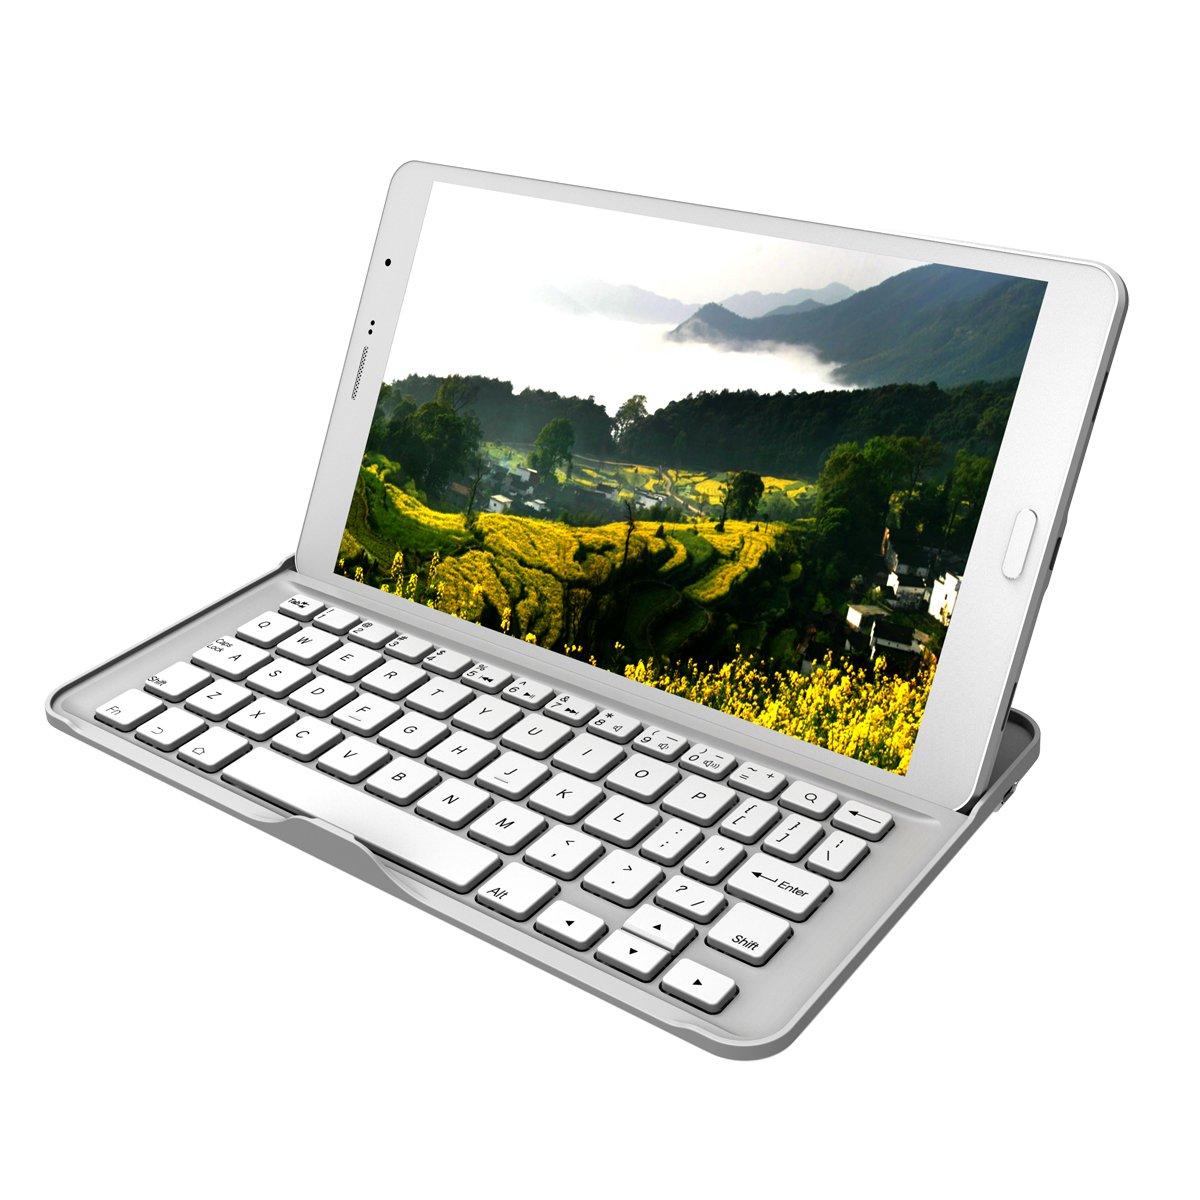 Yimidear® Nuevo caso ultra-delgado teclado delgado ligero de aluminio de Bluetooth para para Samsung Galaxy Tab sueño Pro 8.4 T320 / T325 Soporte y despierta la función (blanco)  Electrónica revisión y más información